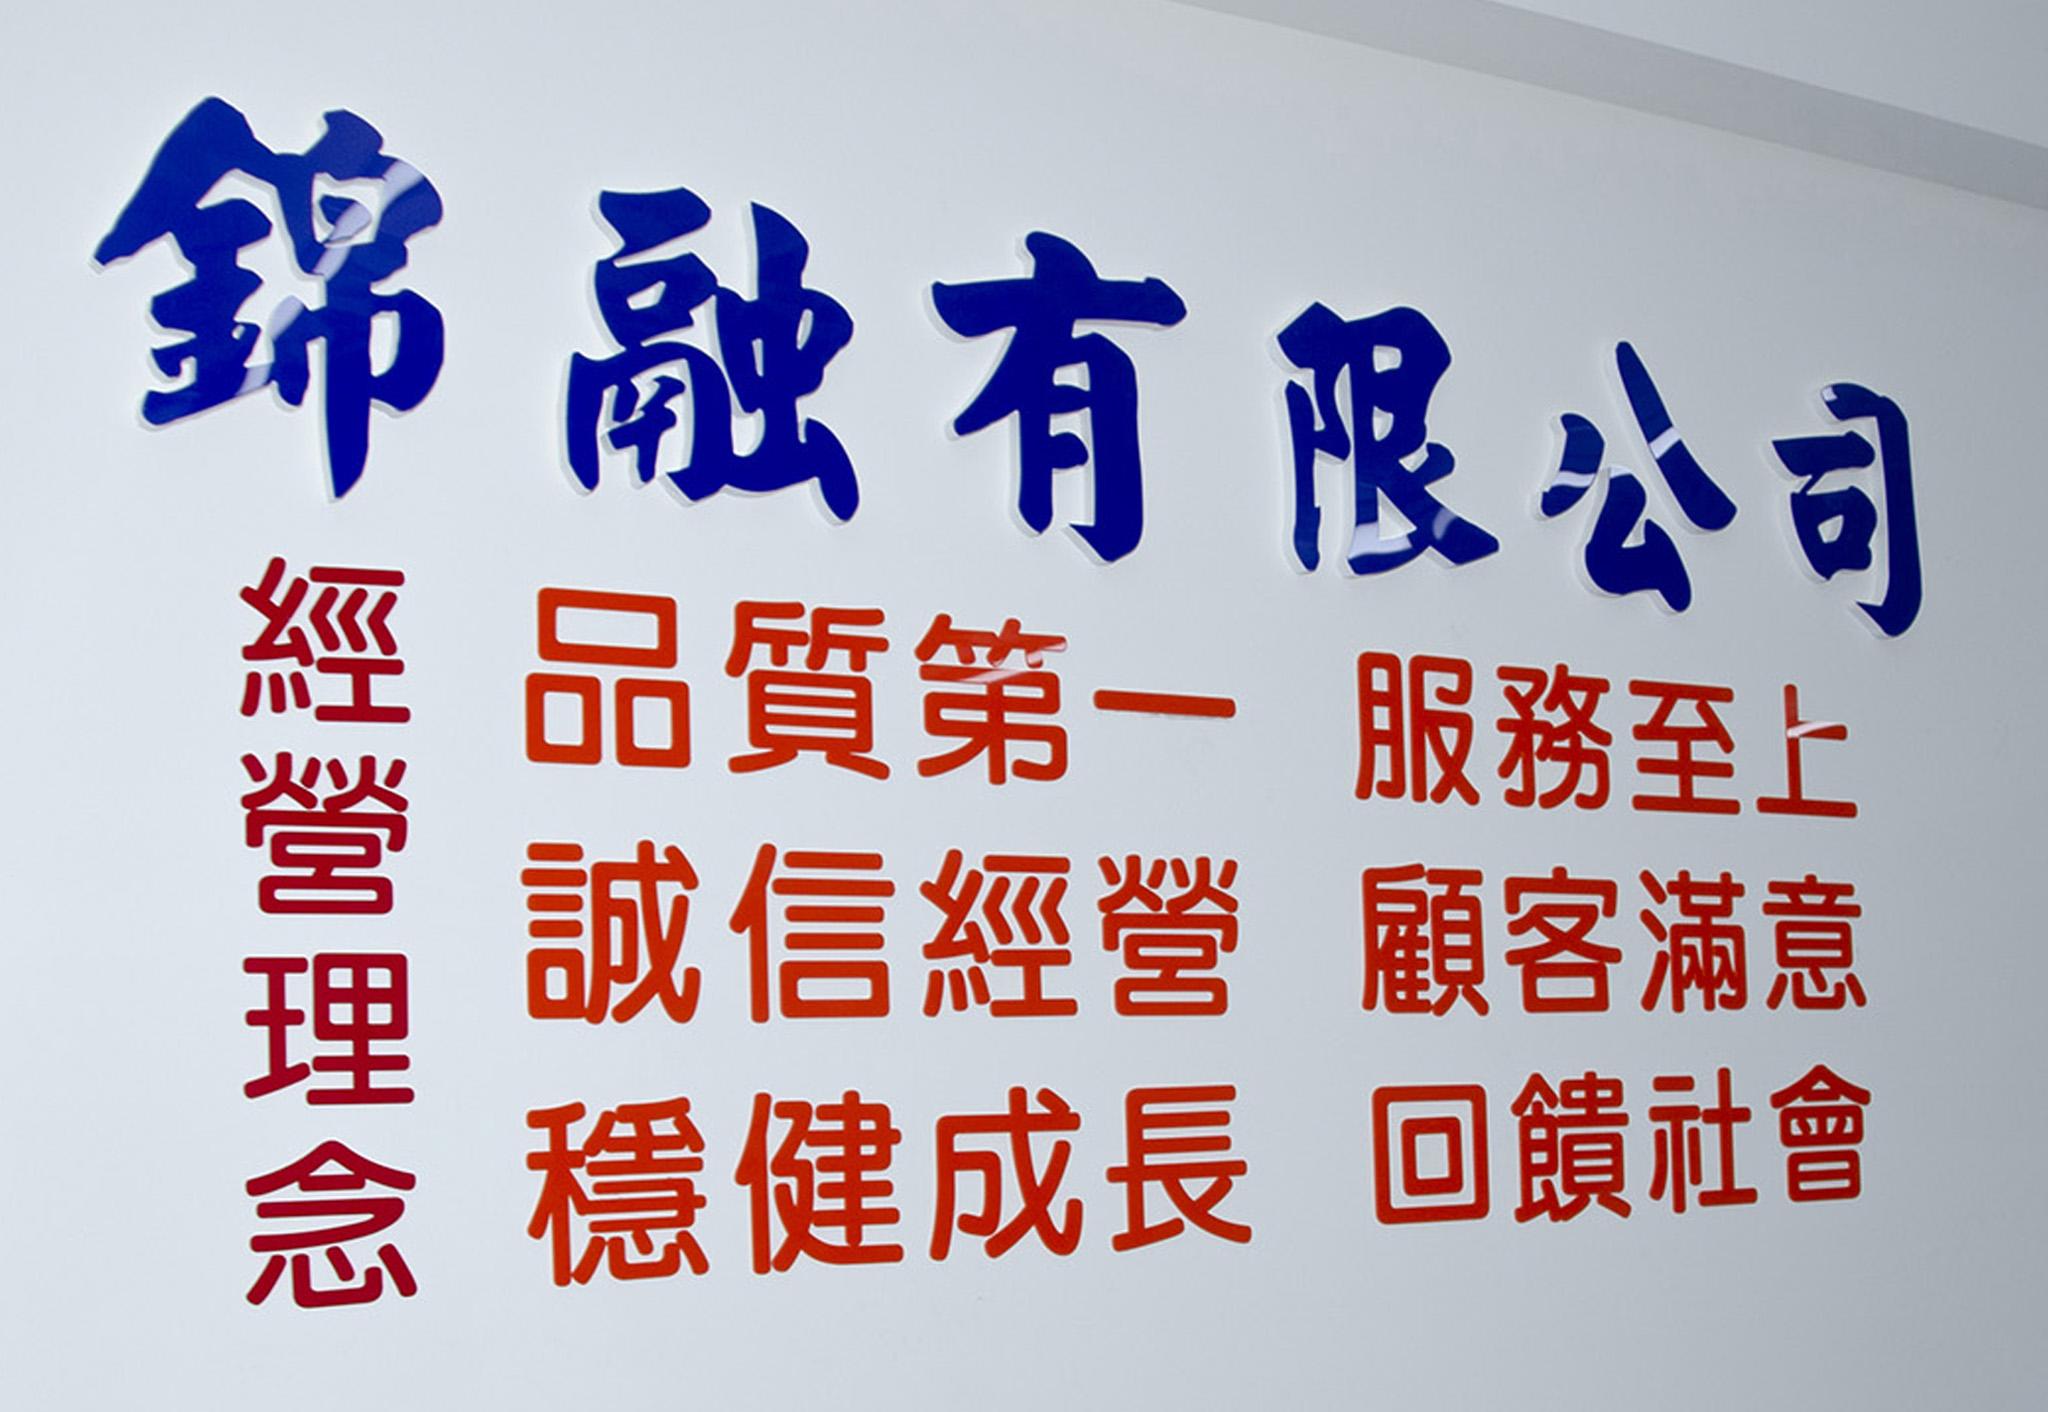 辦公環境的牆面上秀著錦融的經營理念,提醒創業的初心。